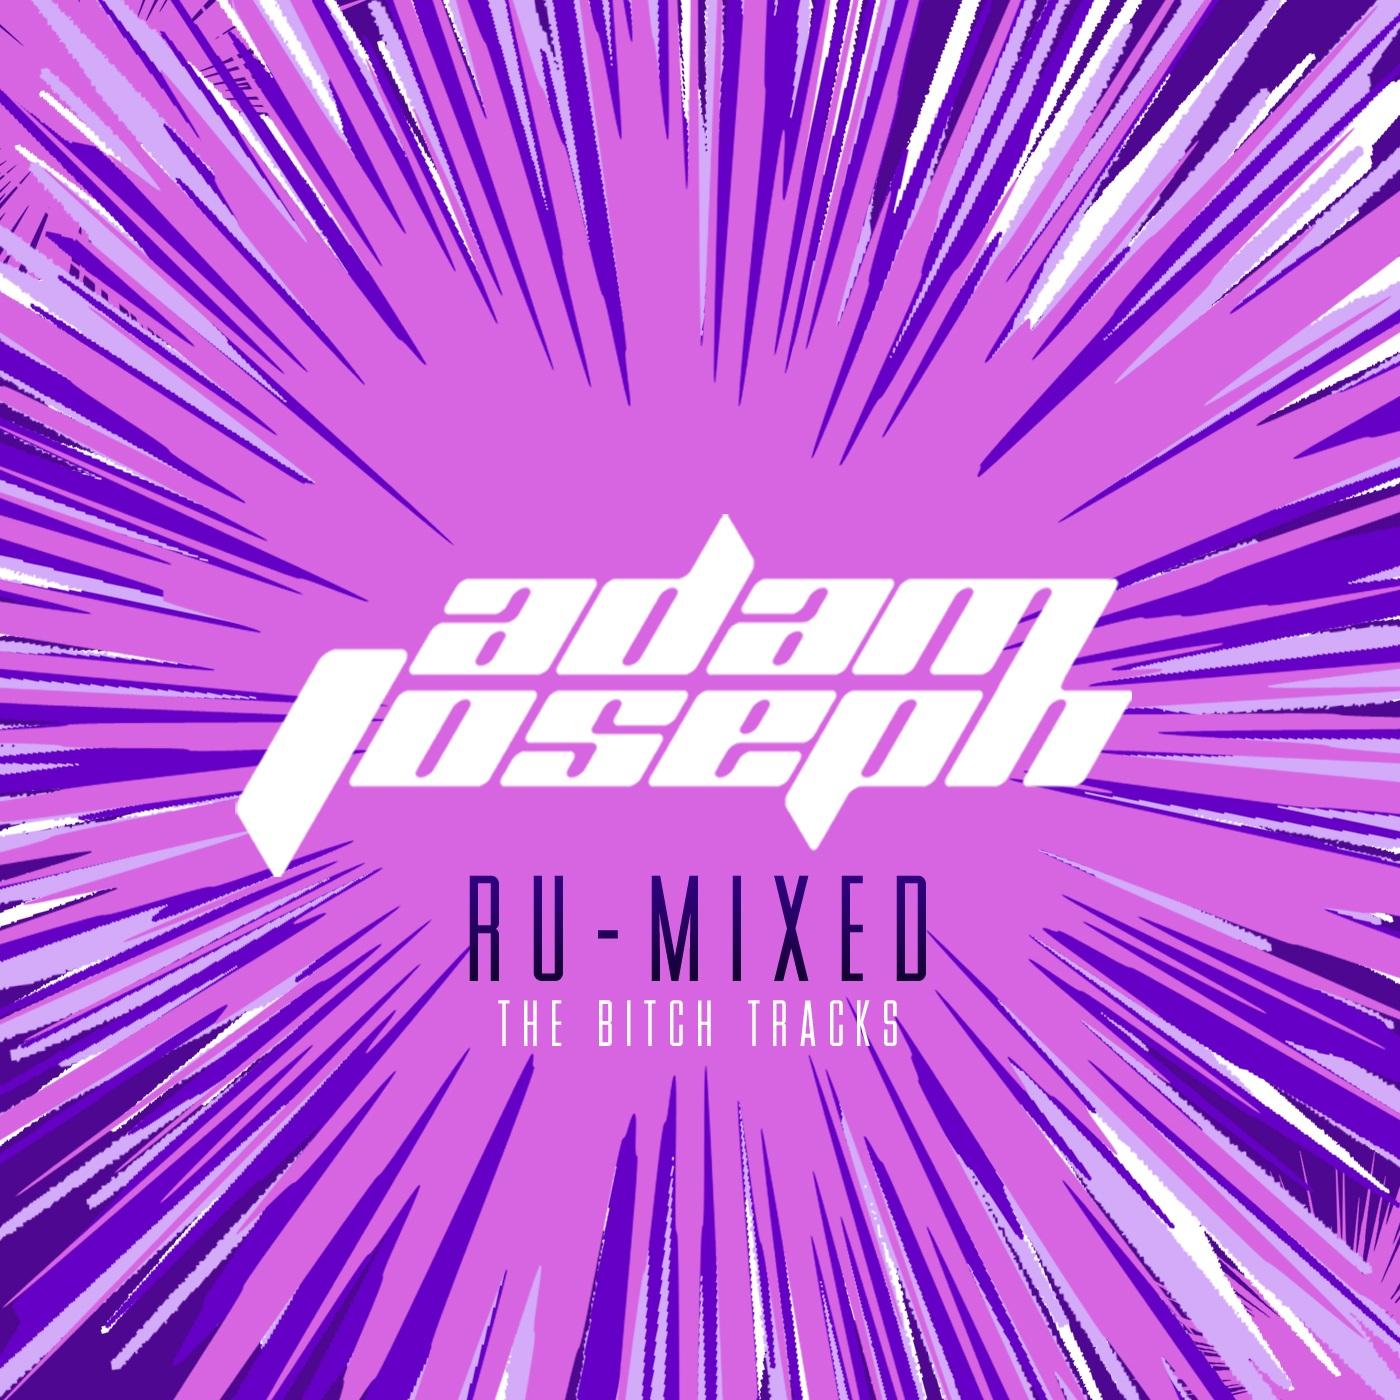 Ru+Mixed+Bitch+Tracks+Cover+++Art_edited5.jpg